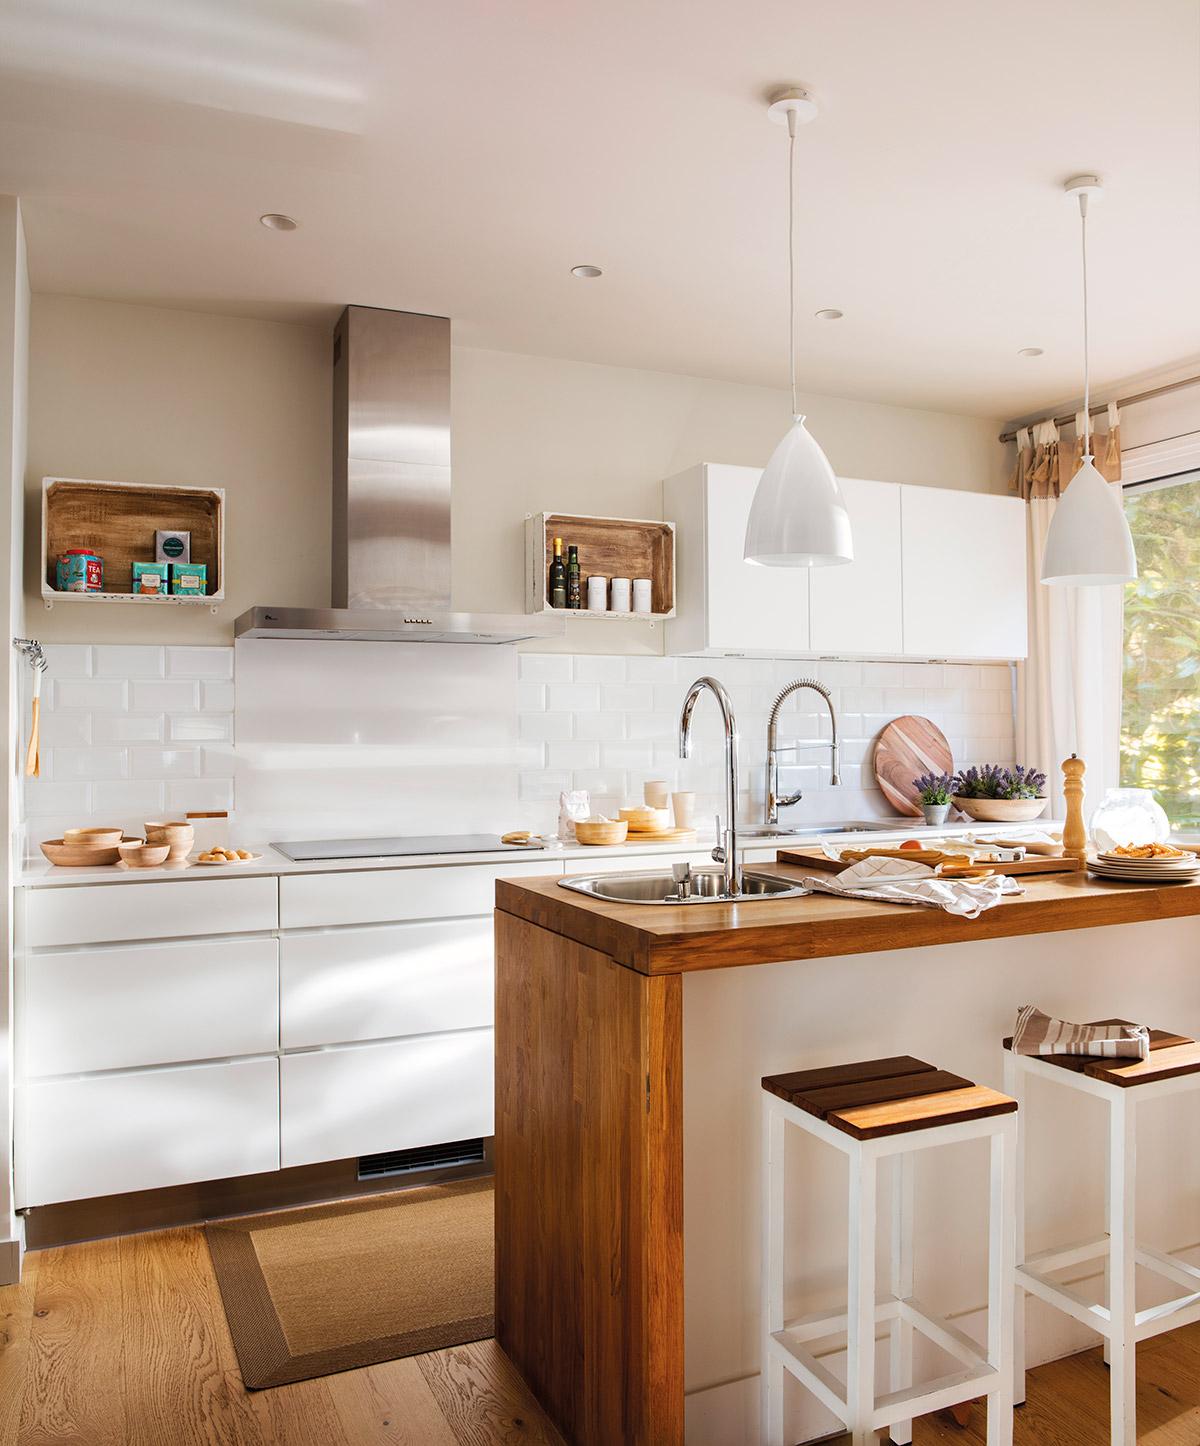 Dise o de una cocina con barra de desayuno - Ikea barra cucina ...